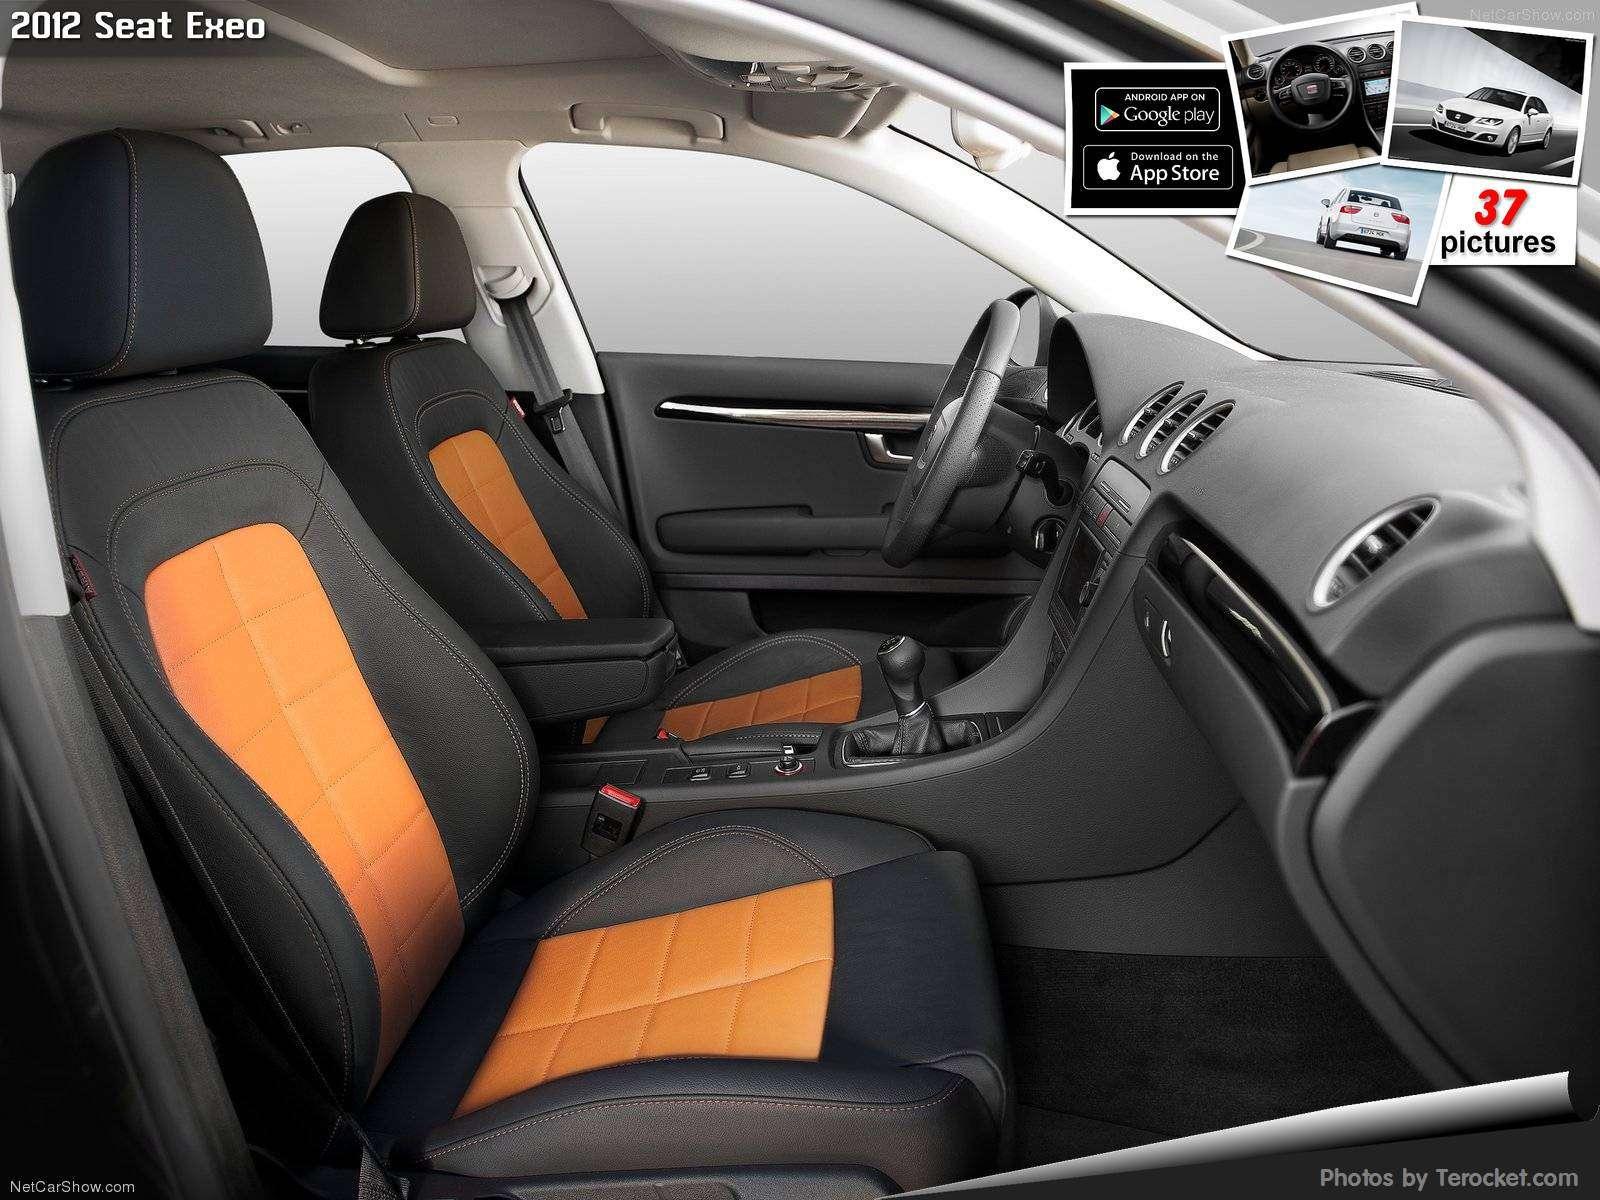 Hình ảnh xe ô tô Seat Exeo 2012 & nội ngoại thất